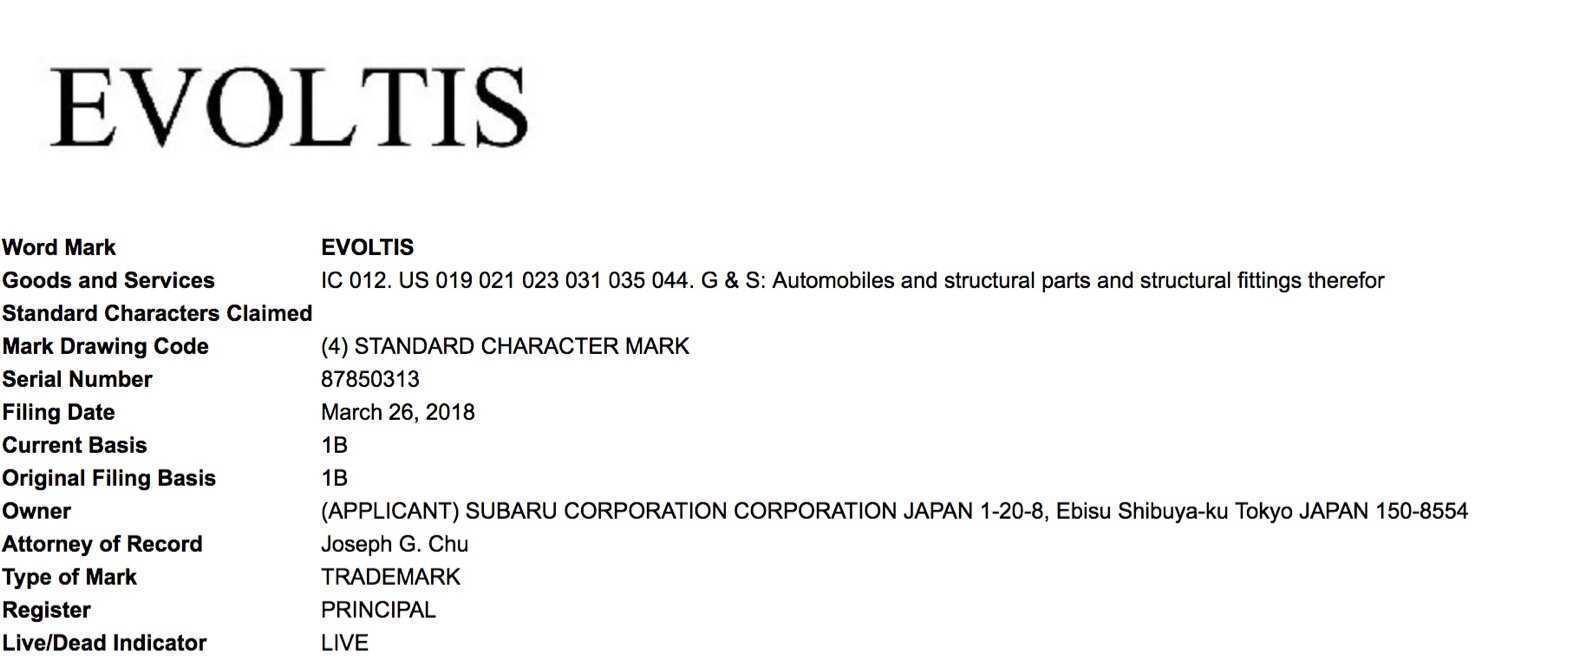 23 All New 2019 Subaru Evoltis Images for 2019 Subaru Evoltis